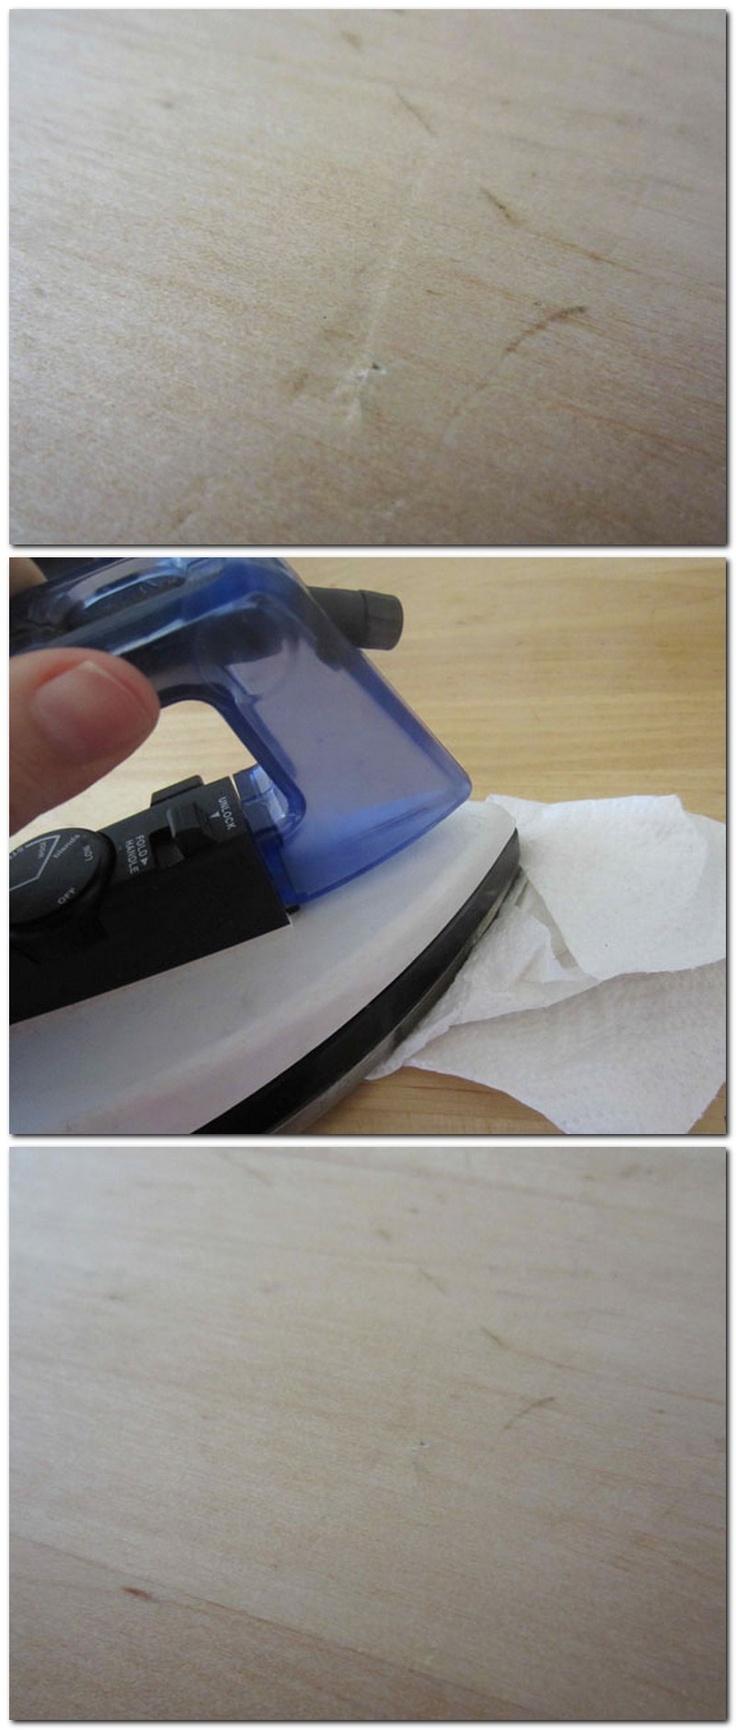 Reparar abolladuras en la madera. 1/ Humedecer la abolladura. 2/ Colocar un paño/papel húmedo. 3/ Con la plancha aplicar calor con mucho vapor en la zona dando movimientos circulares (de 3-5 minutos).